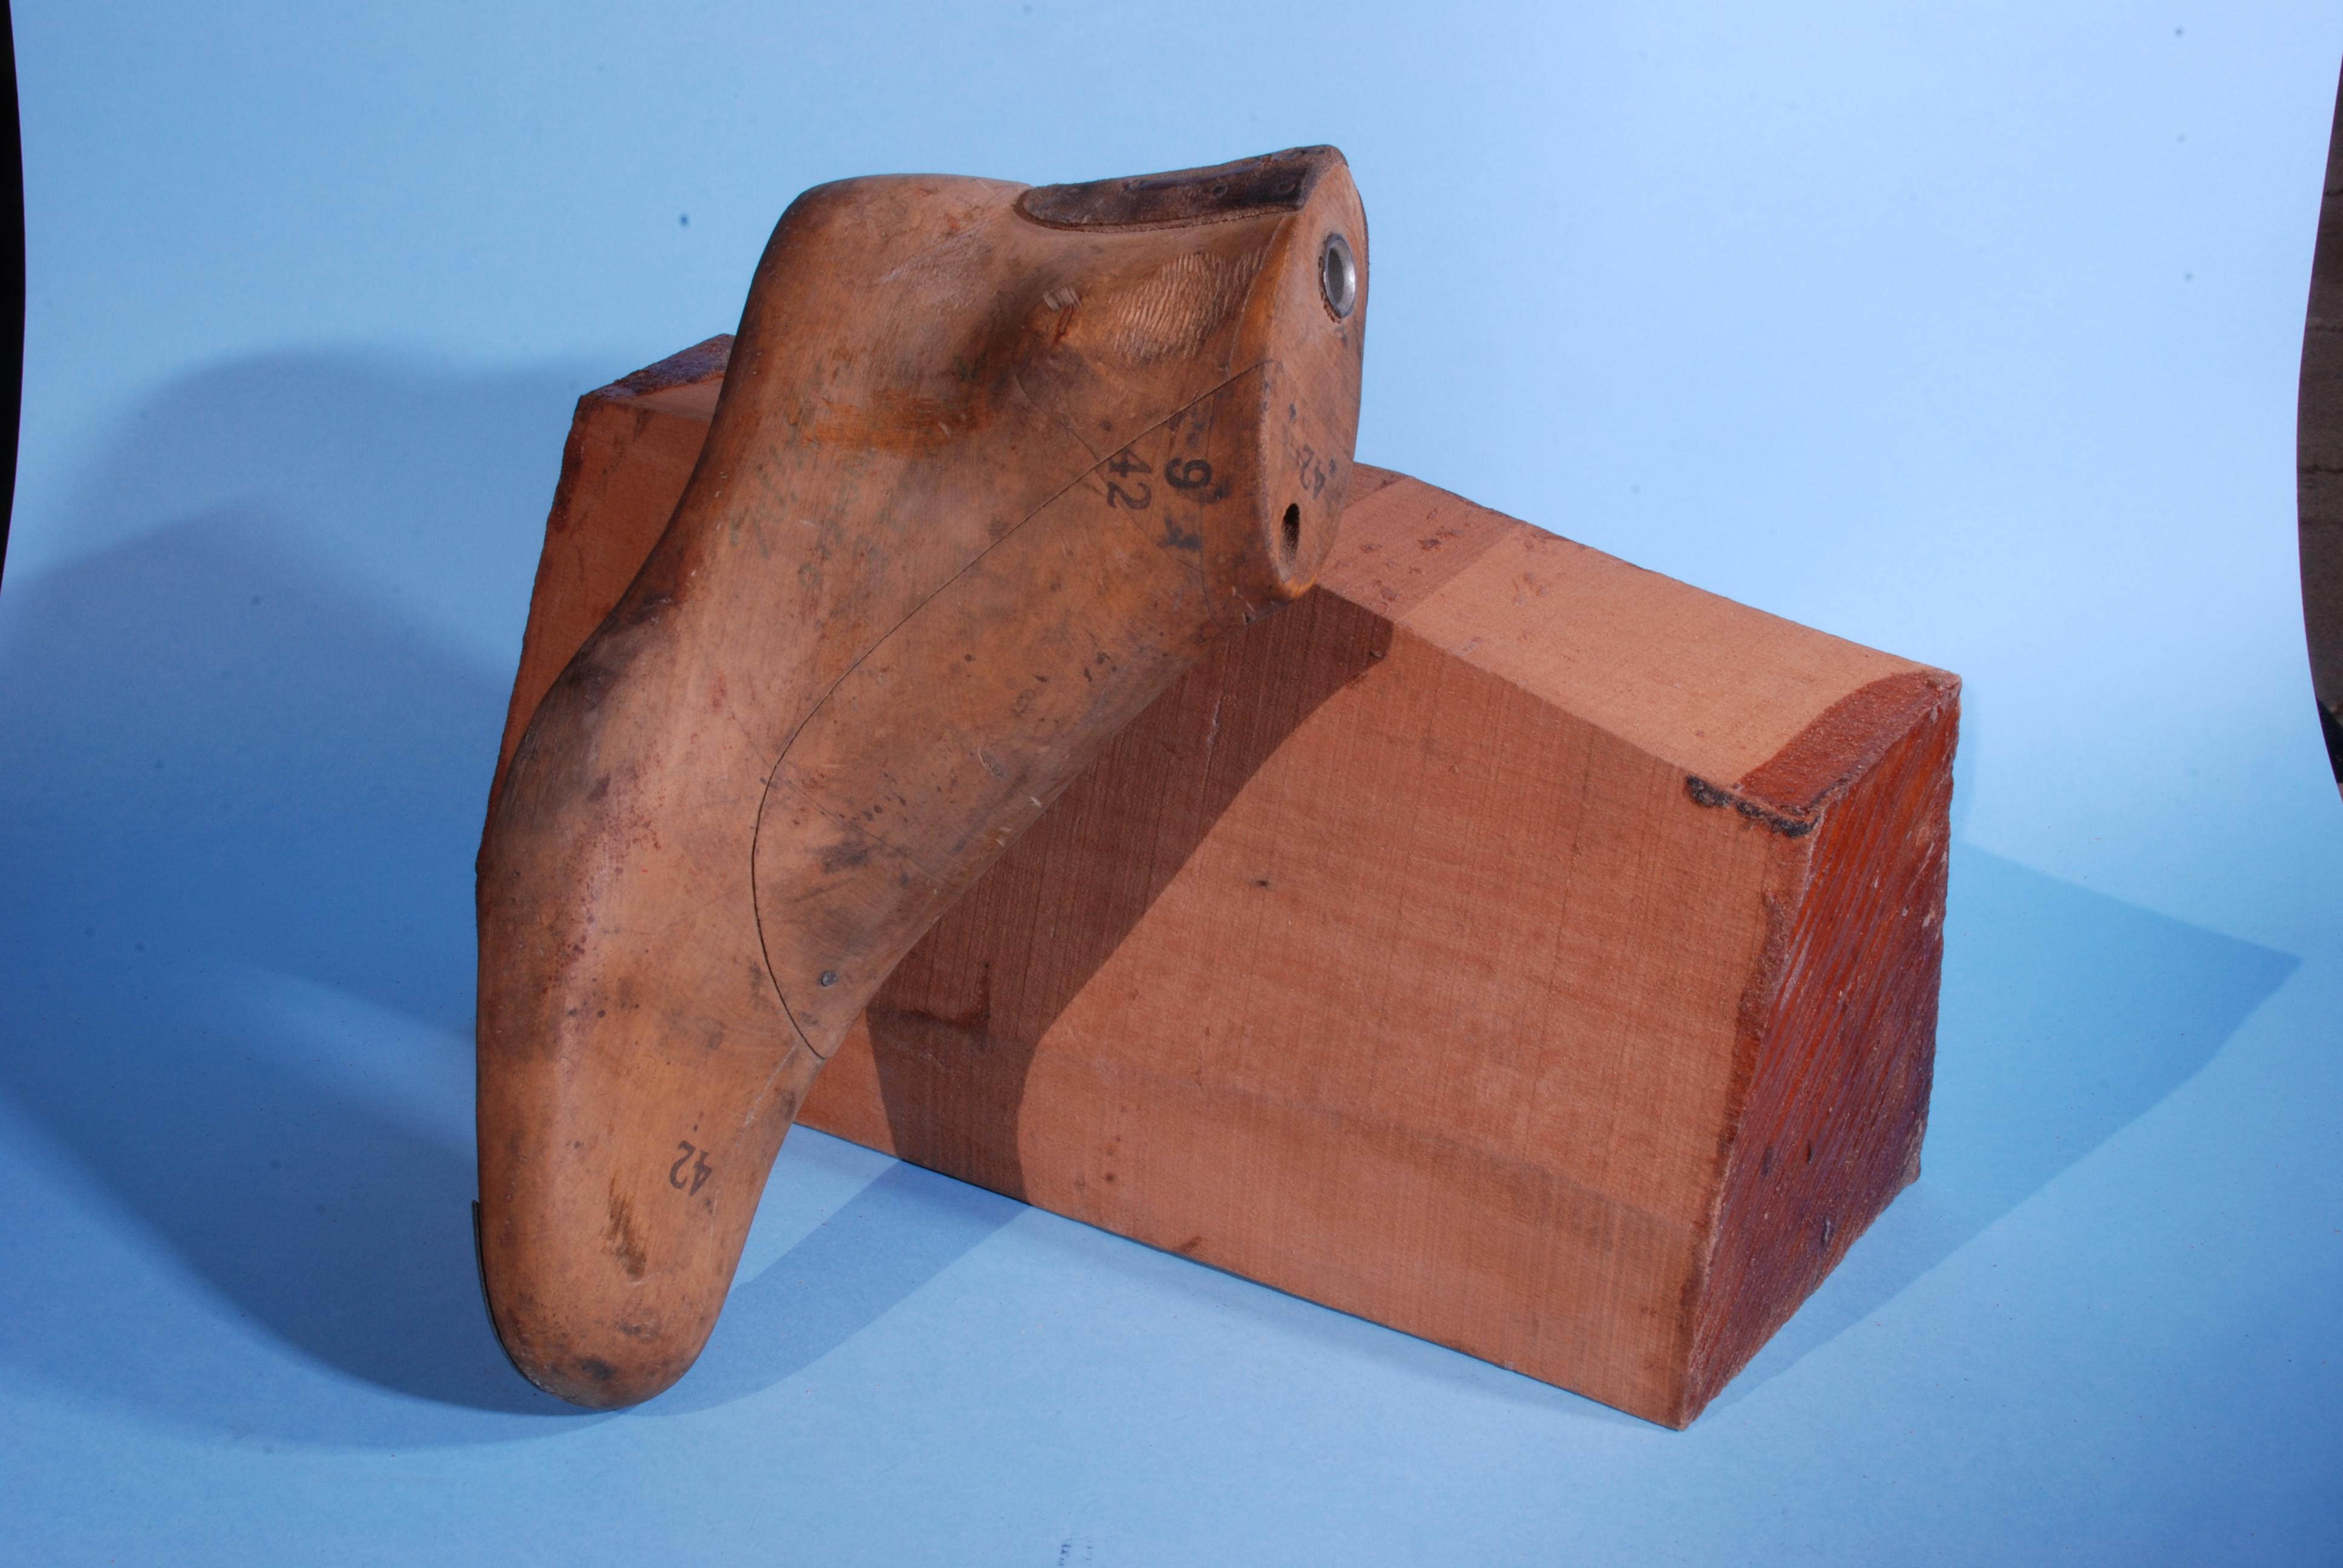 Prodotto del mese: Le forme per le scarpe della Segheria Gazzano